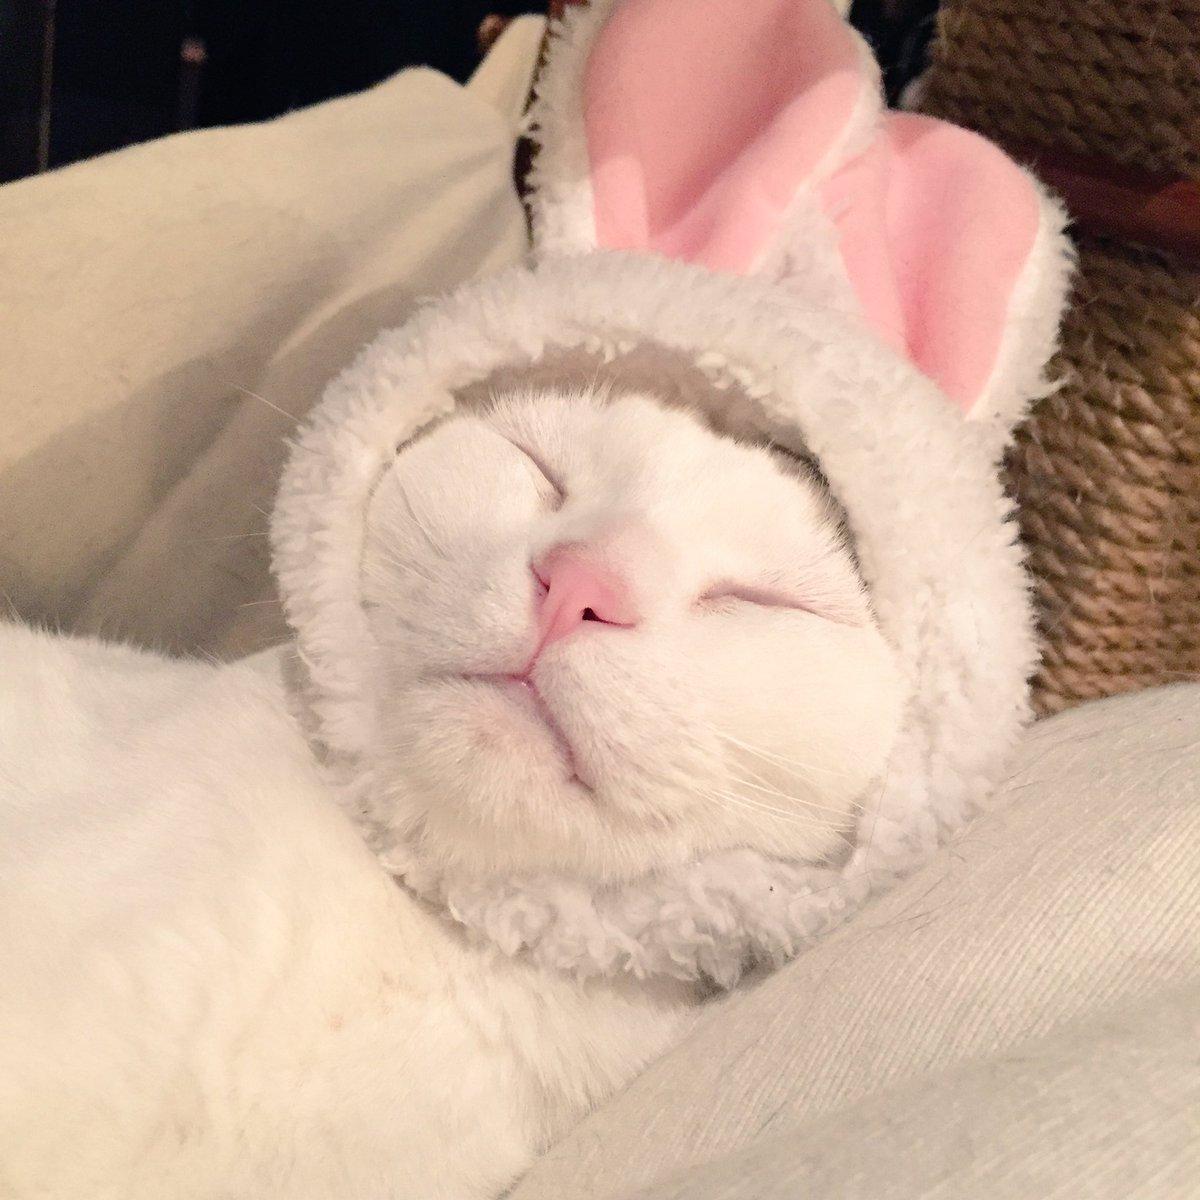 豆もち…。もう、ウサギが馴染みすぎて猫に思えない。 pic.twitter.com/L51tI2CT0C